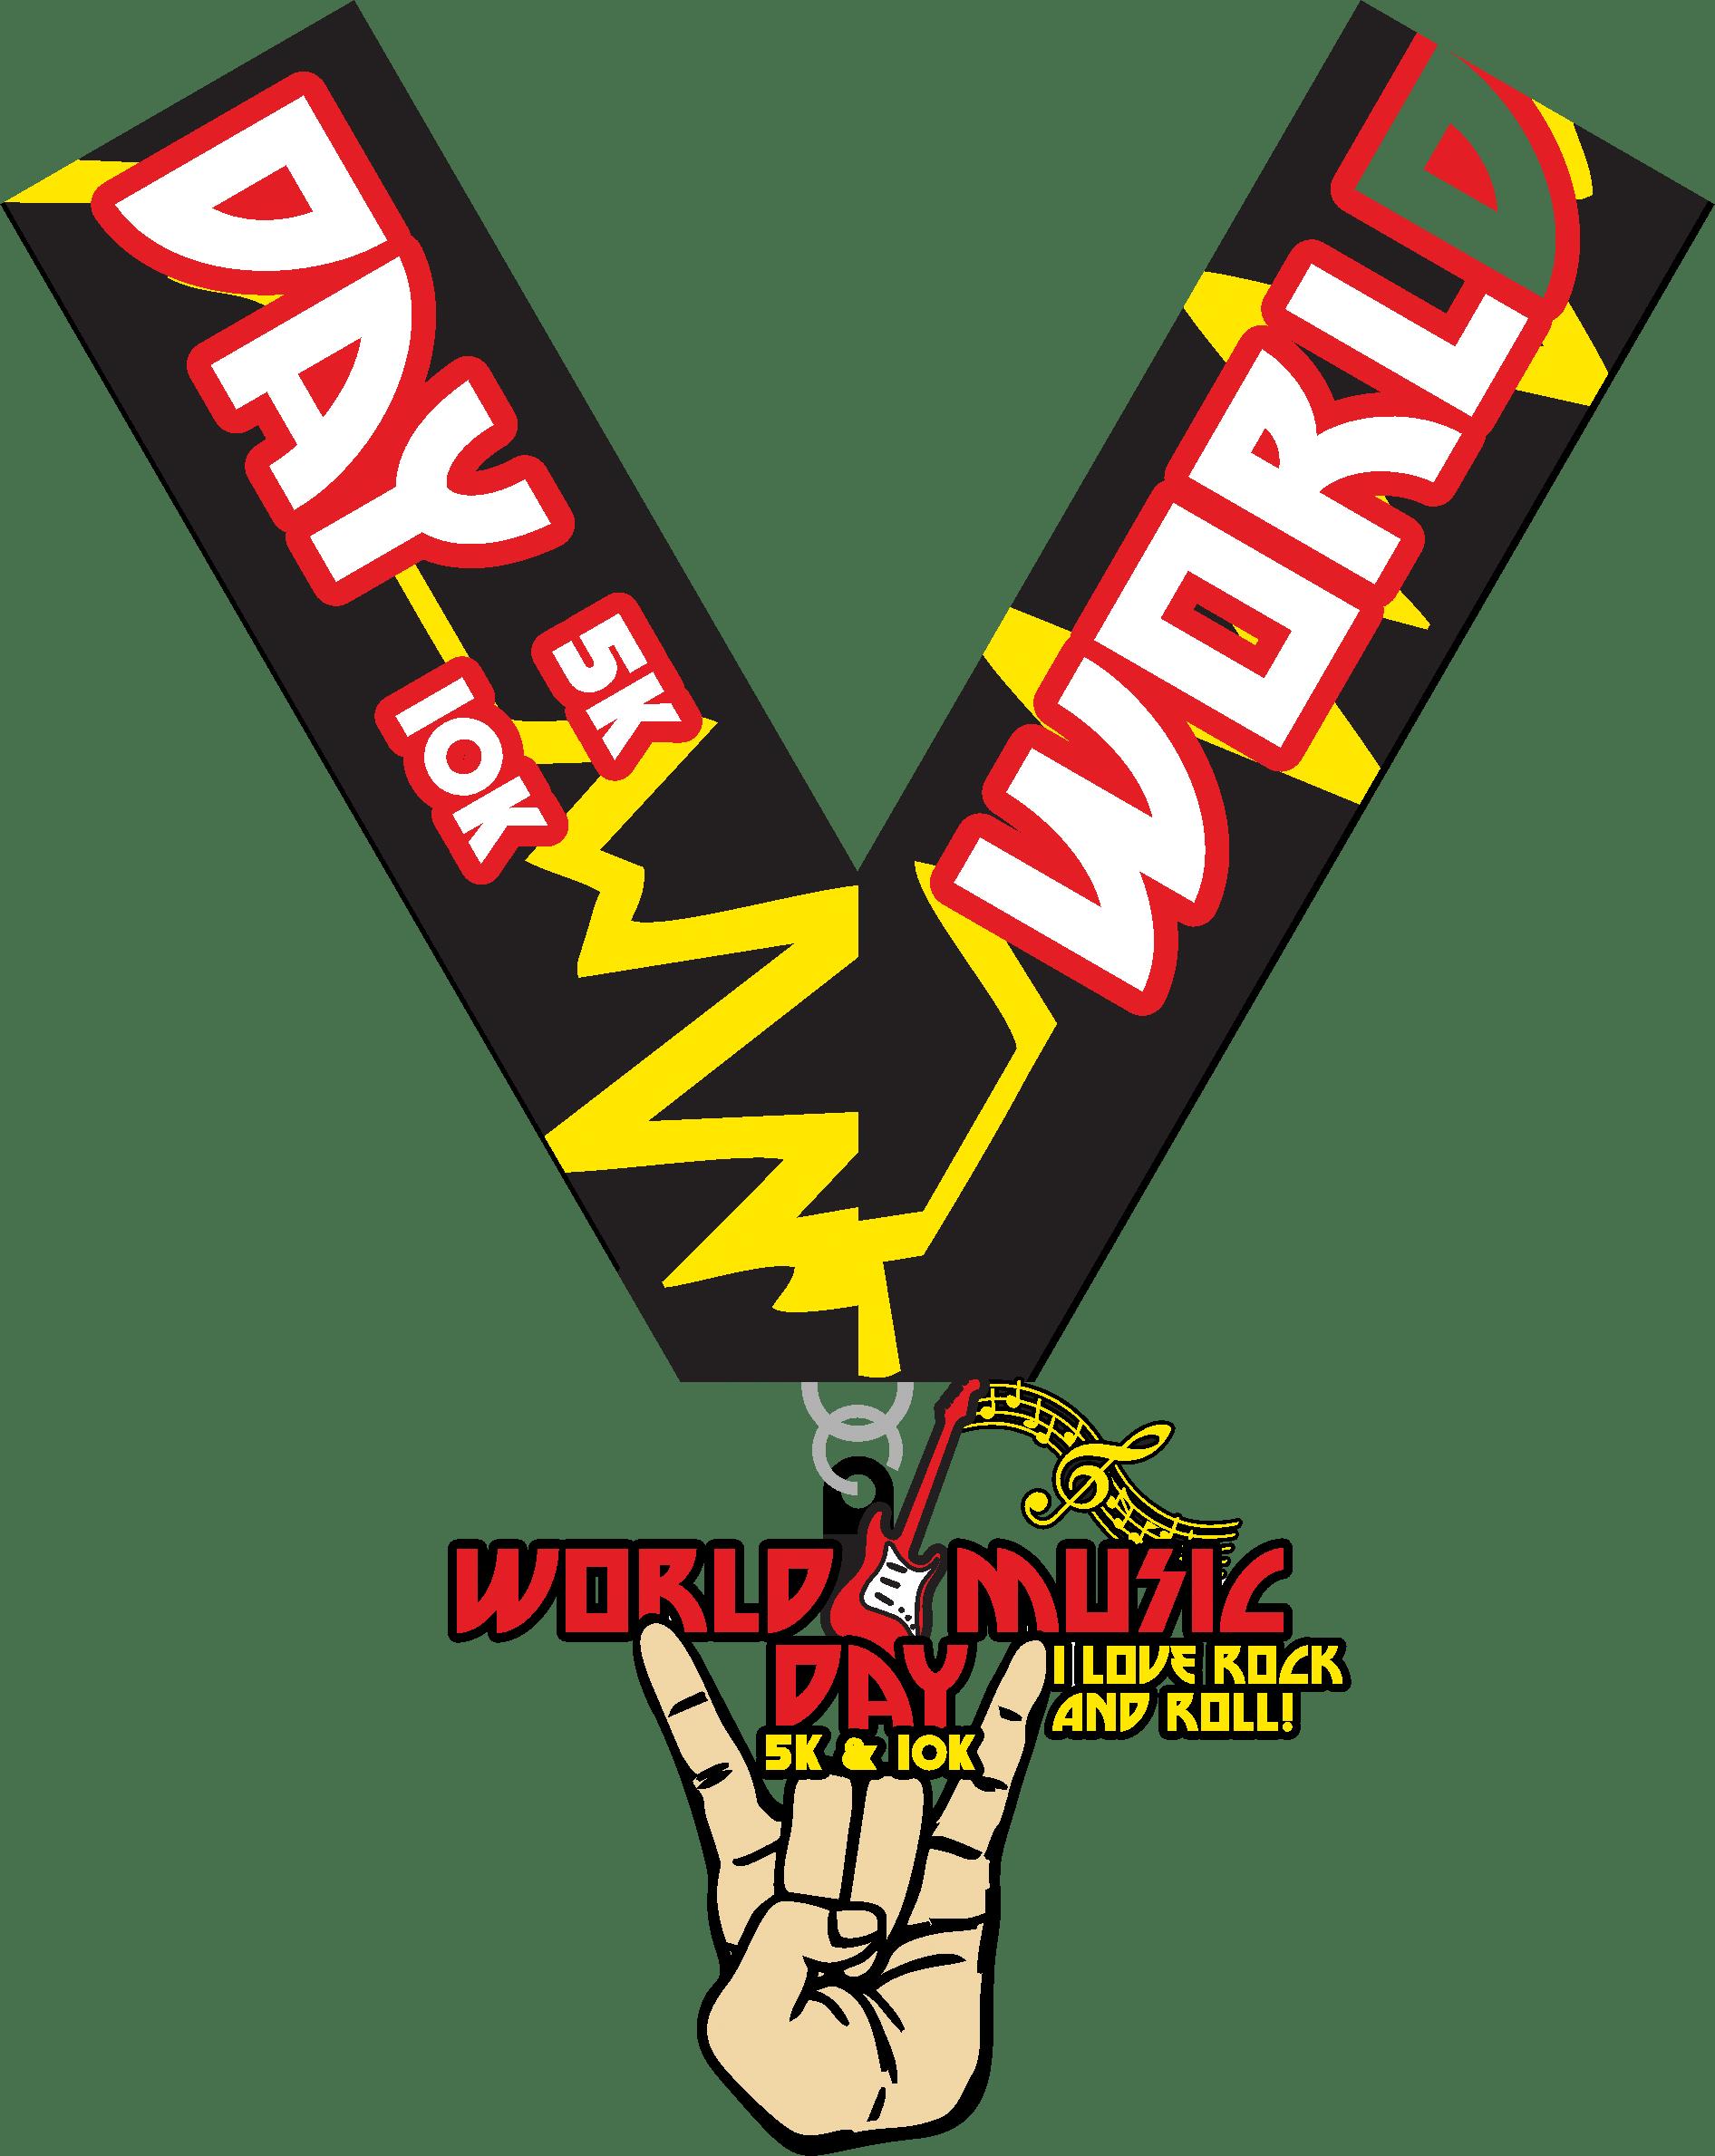 2019 World Music Day 5K & 10K - Scottsdale